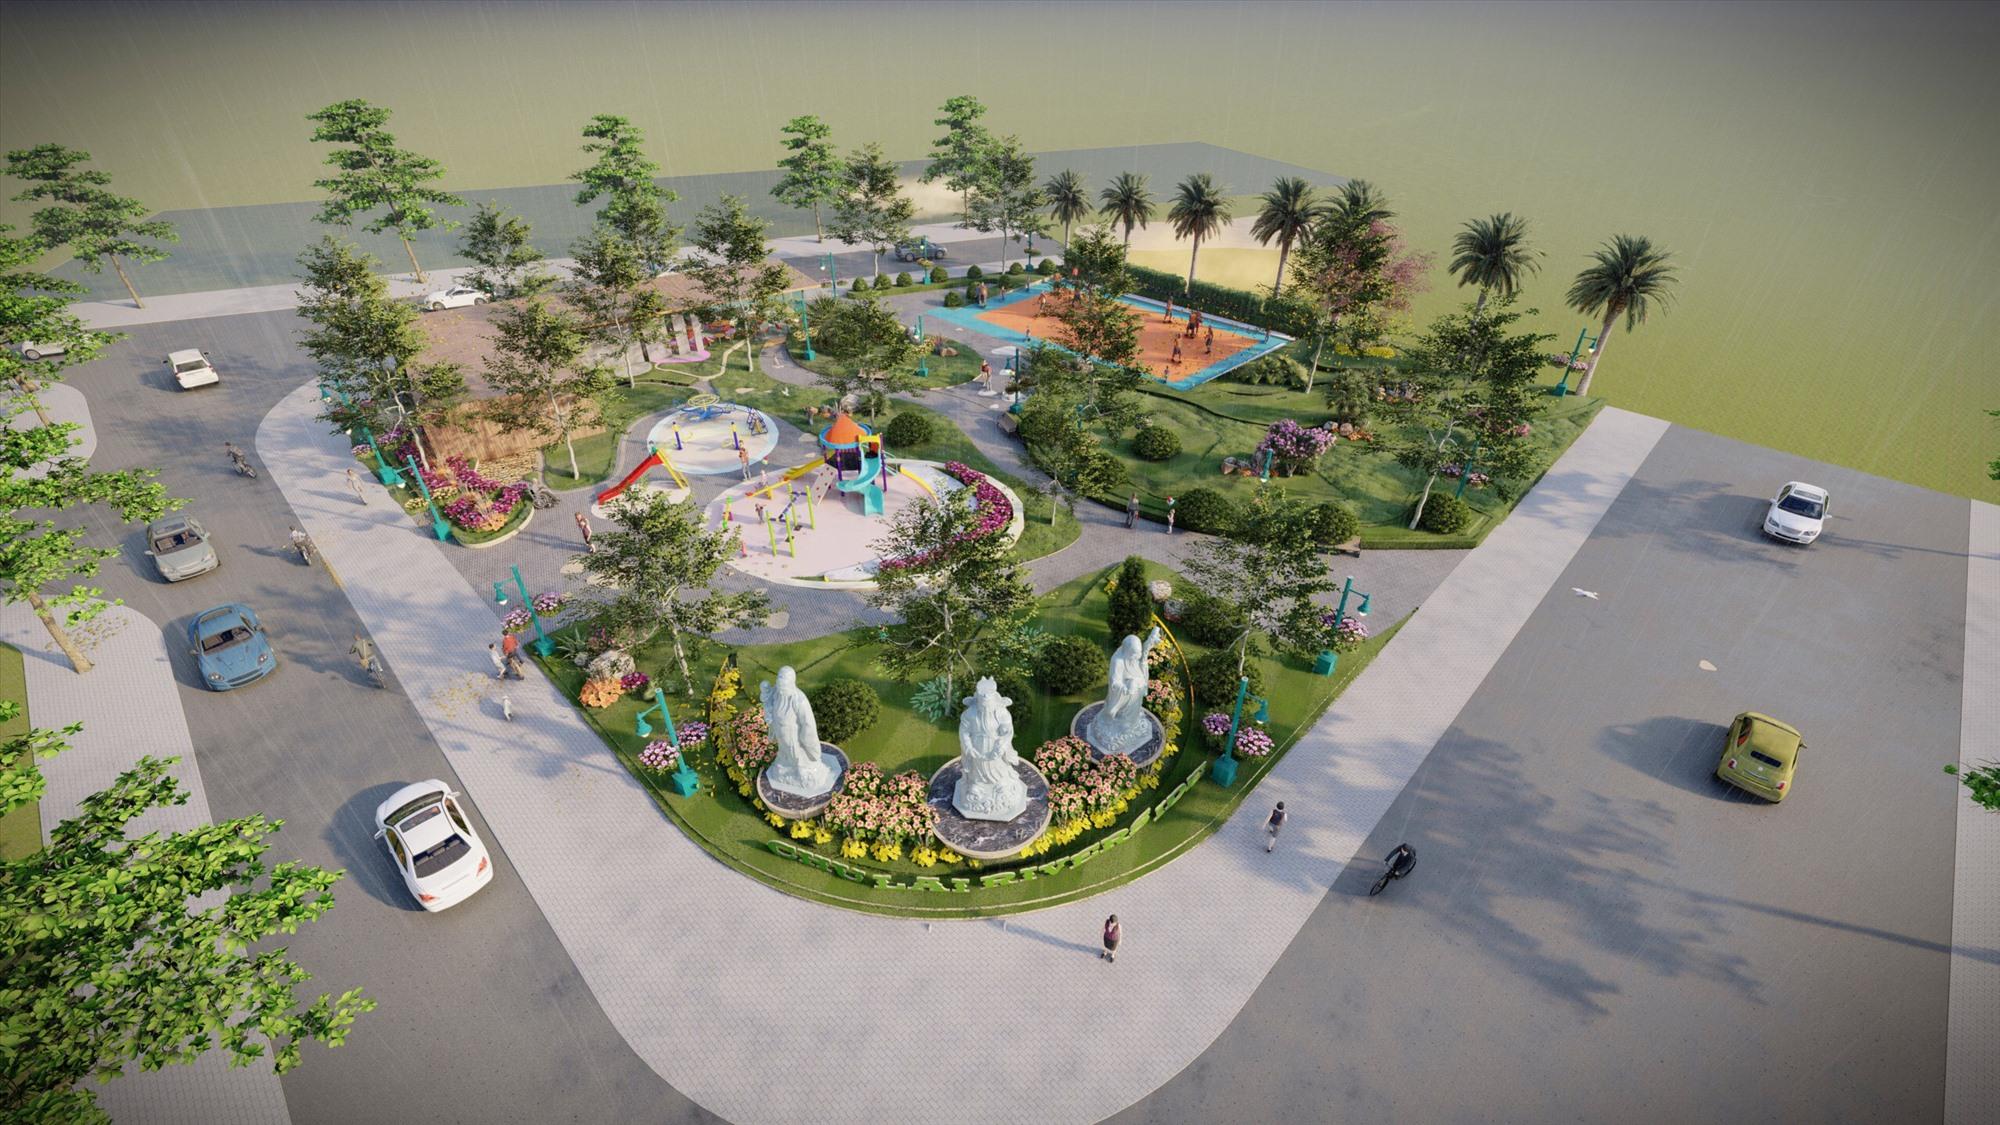 Phối cảnh công viên trung tâm đang được triển khai xây dựng.